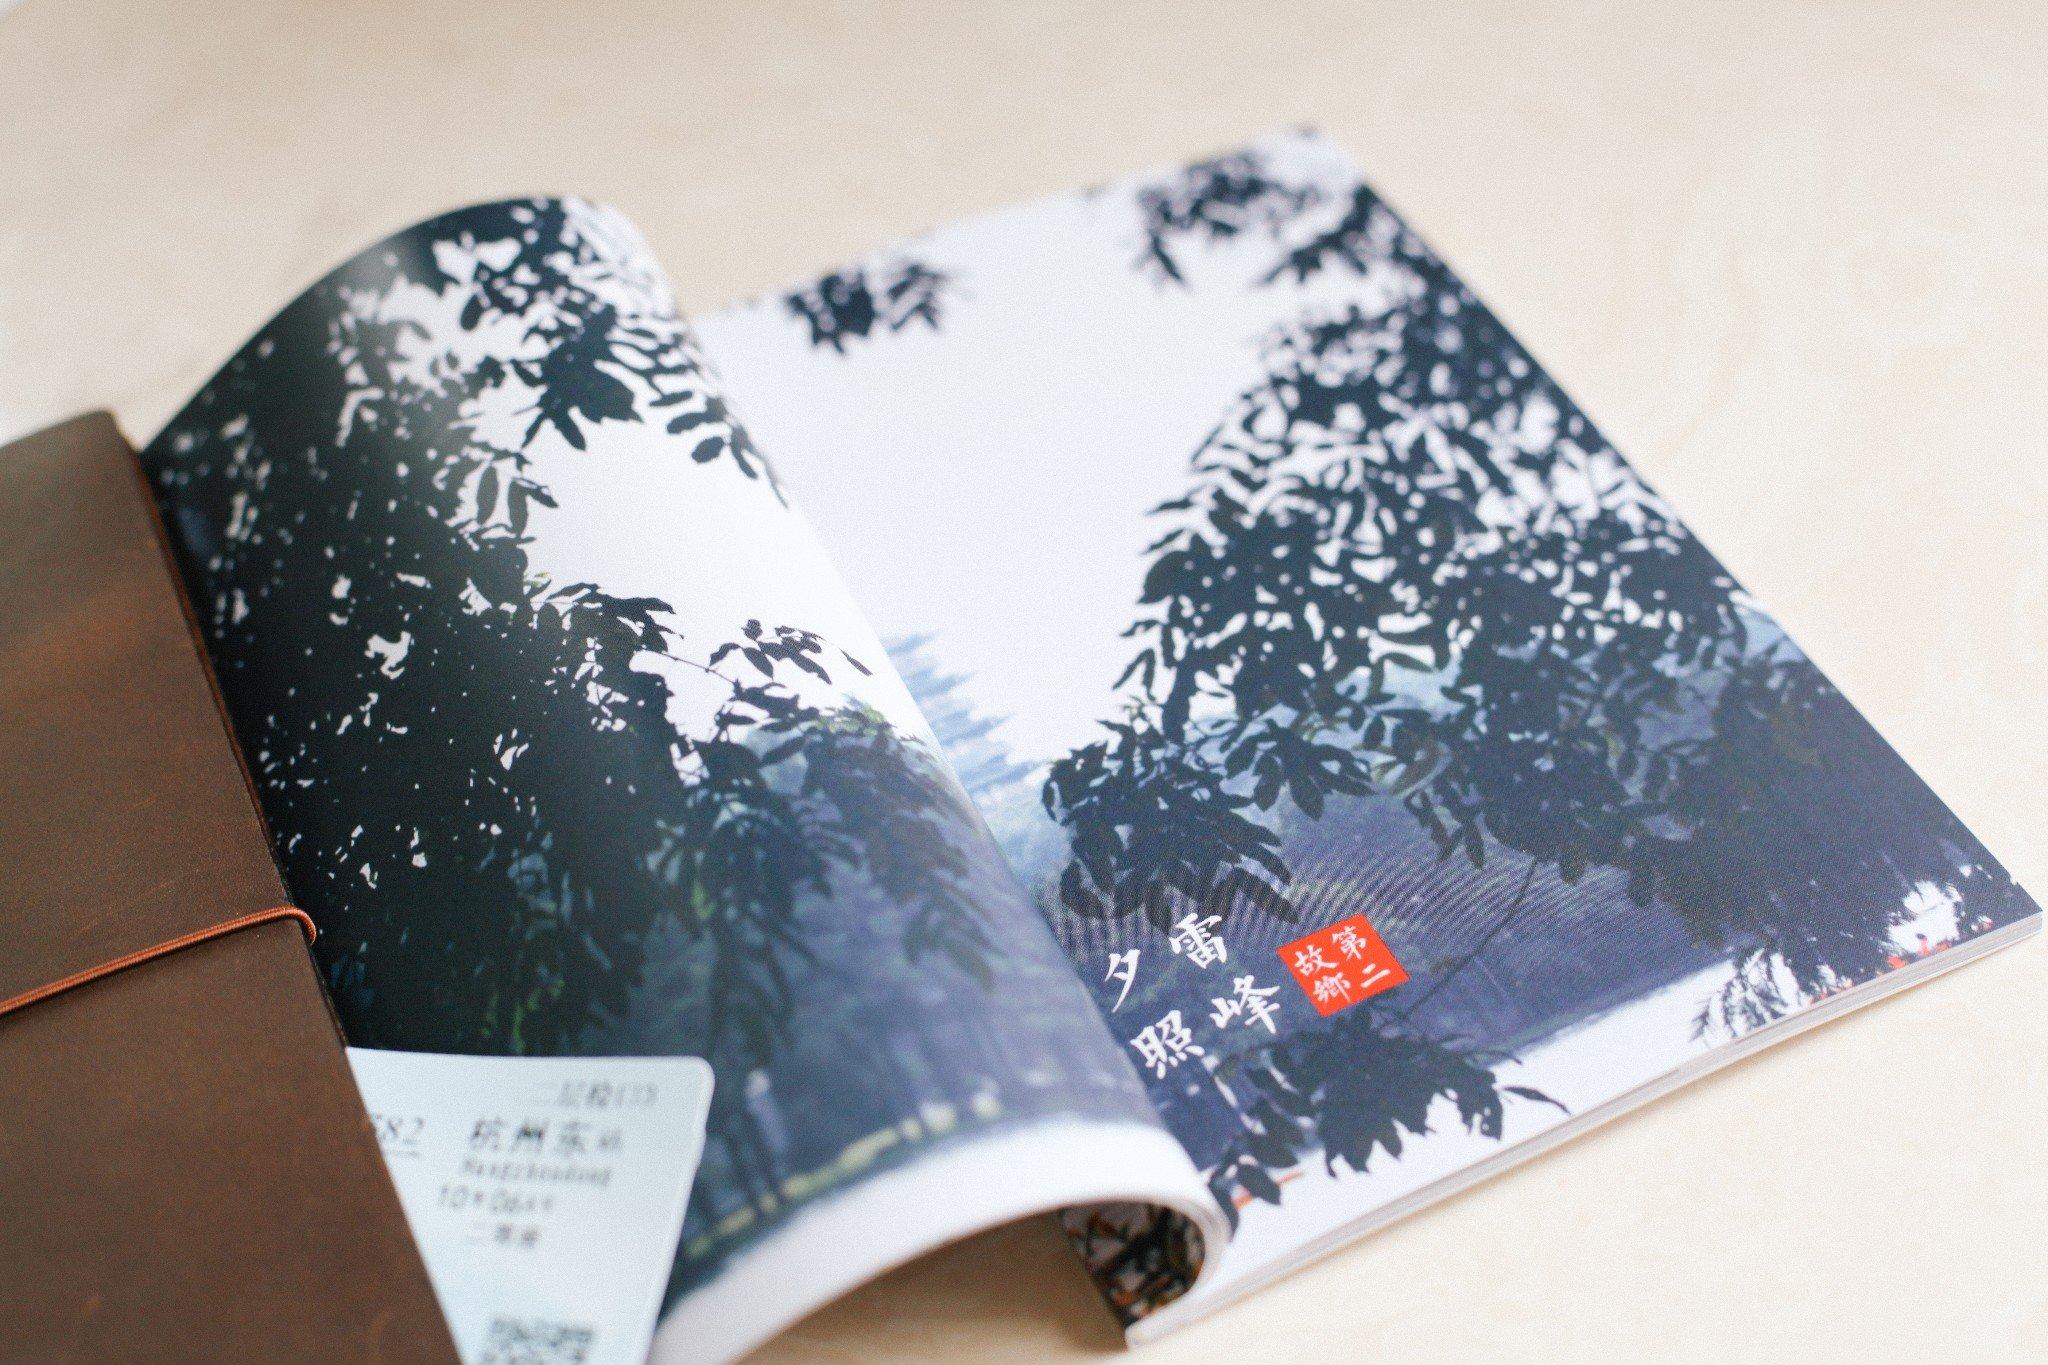 请到我的摄影集里看看——杭州